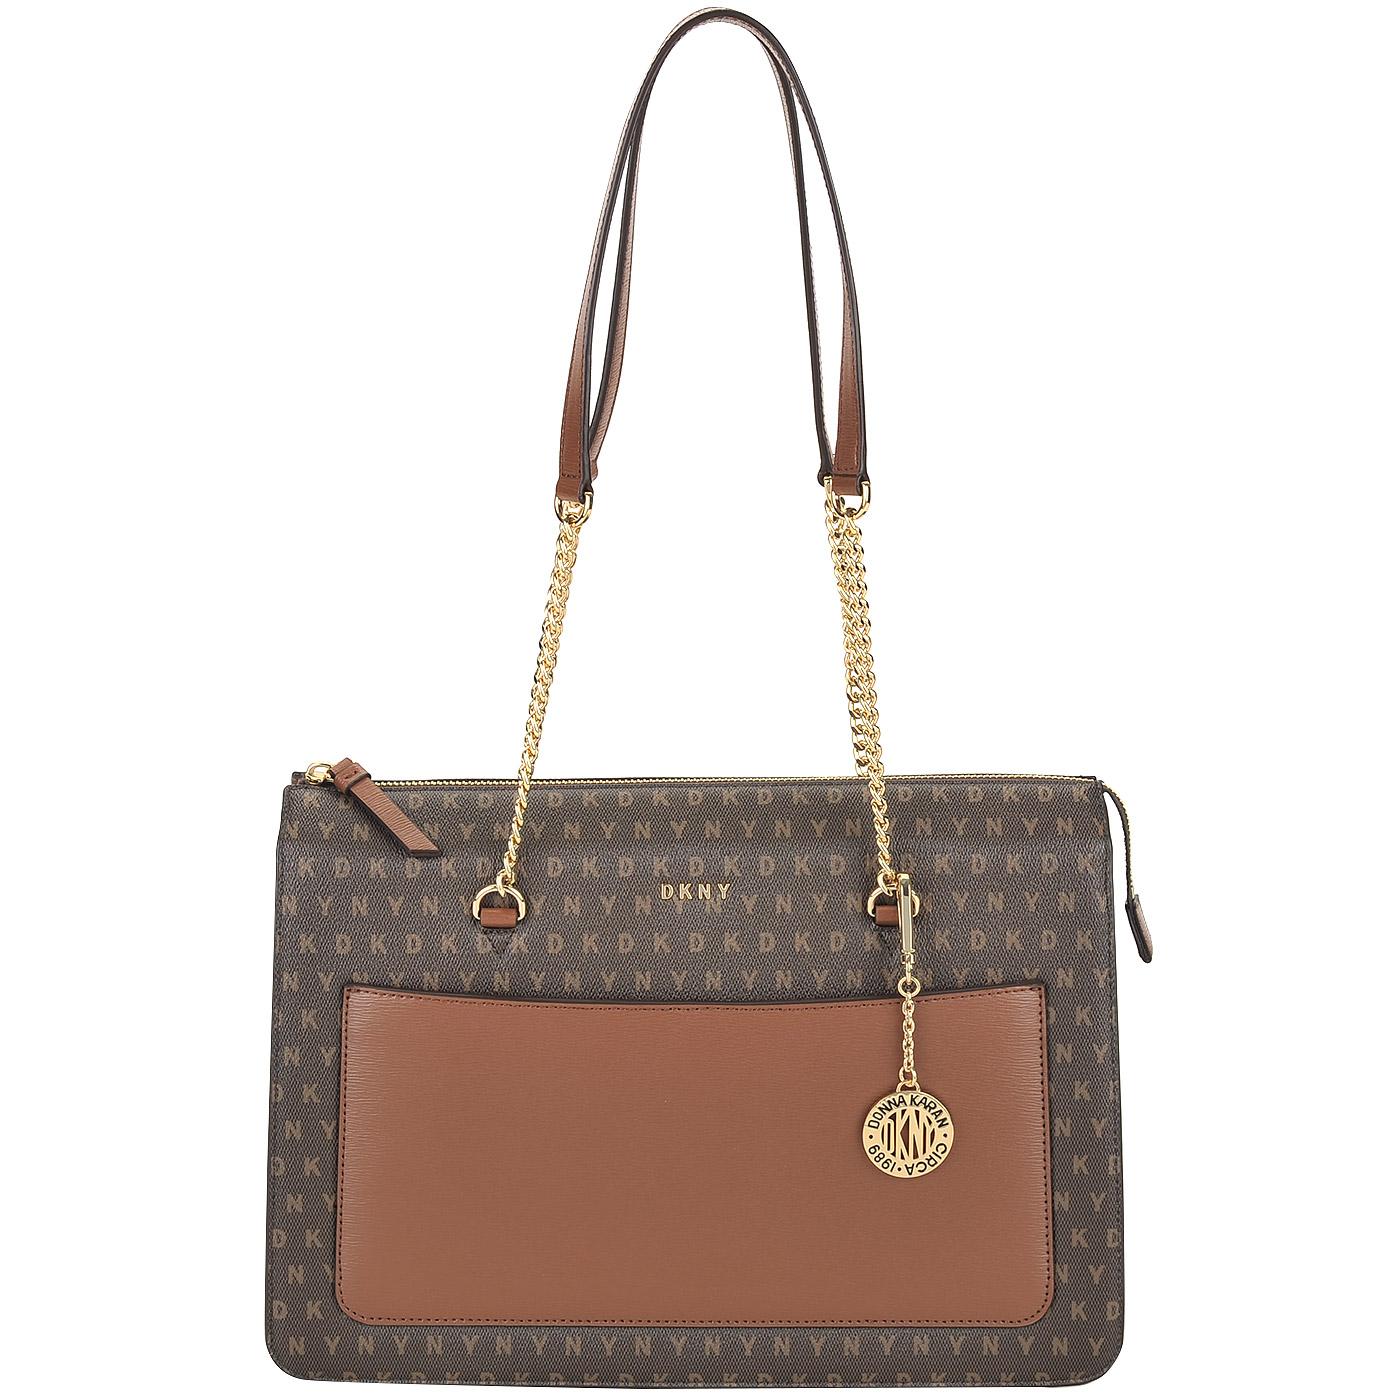 1b21cfcdbfef Вместительная женская сумка с длинными ручками DKNY Coated Logo ...